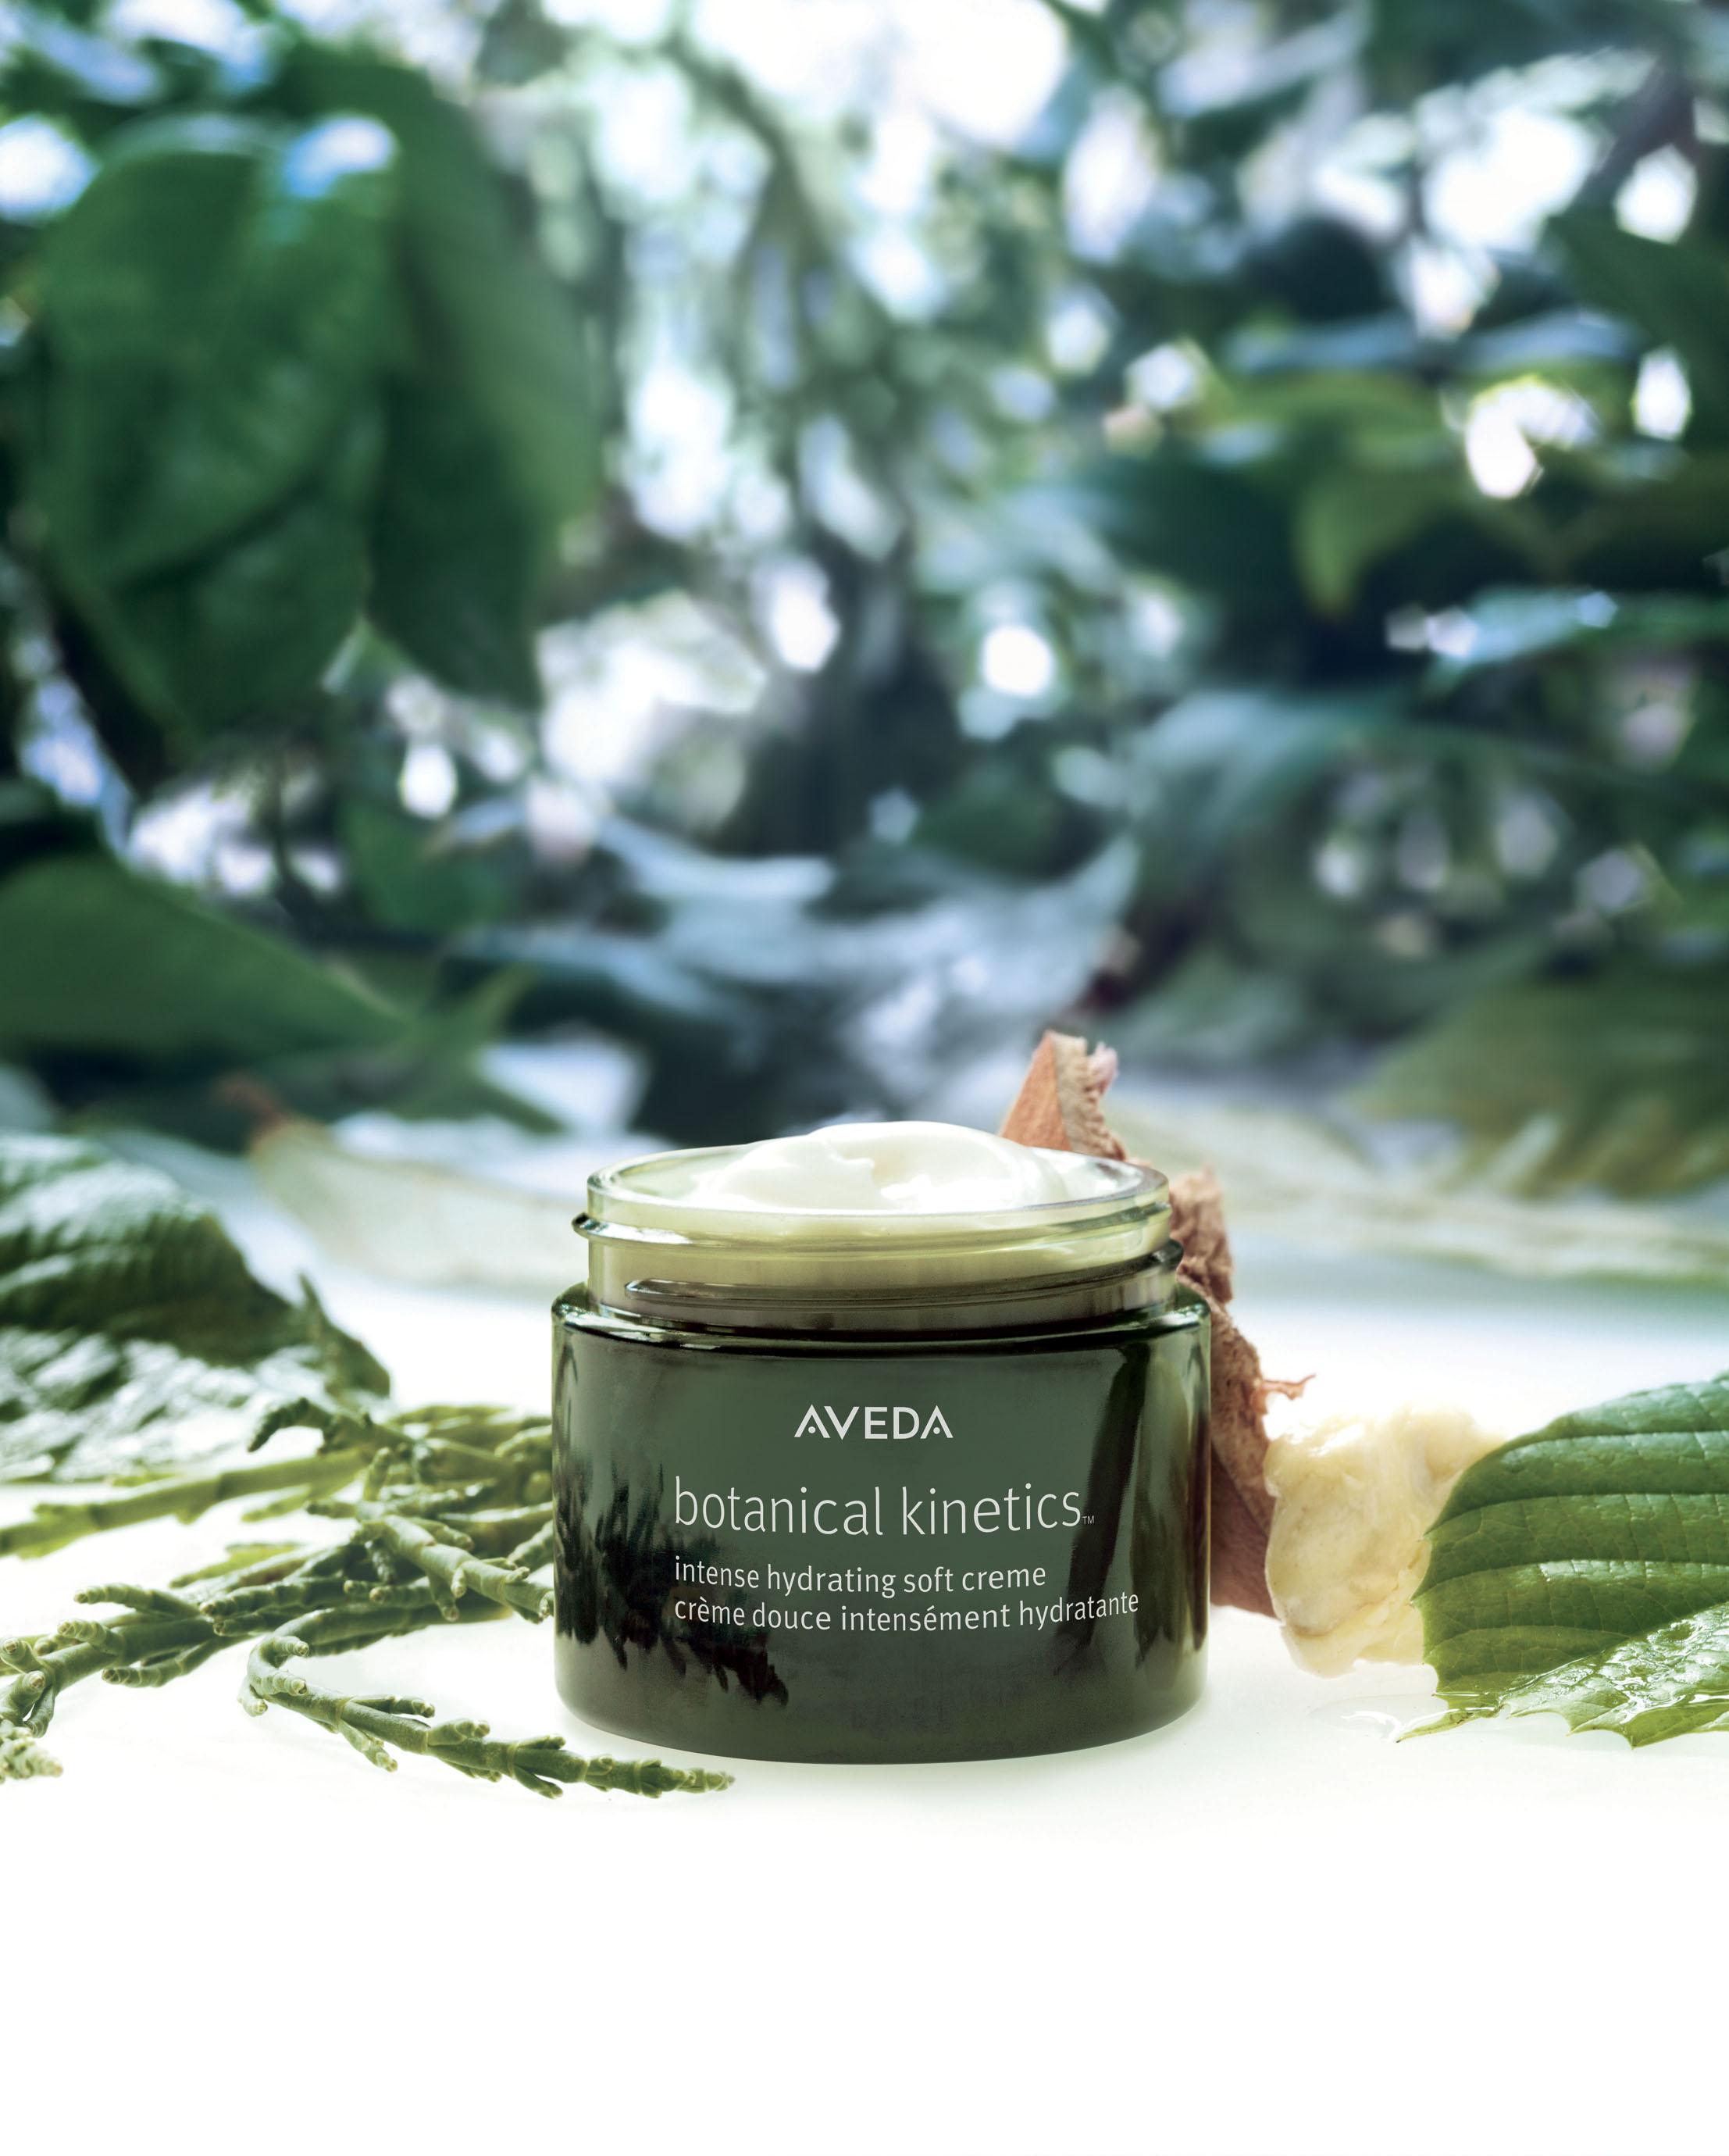 Botanical_Kinetics_Intense_Hydrating_Soft_Creme_stylized_product_image.jpg